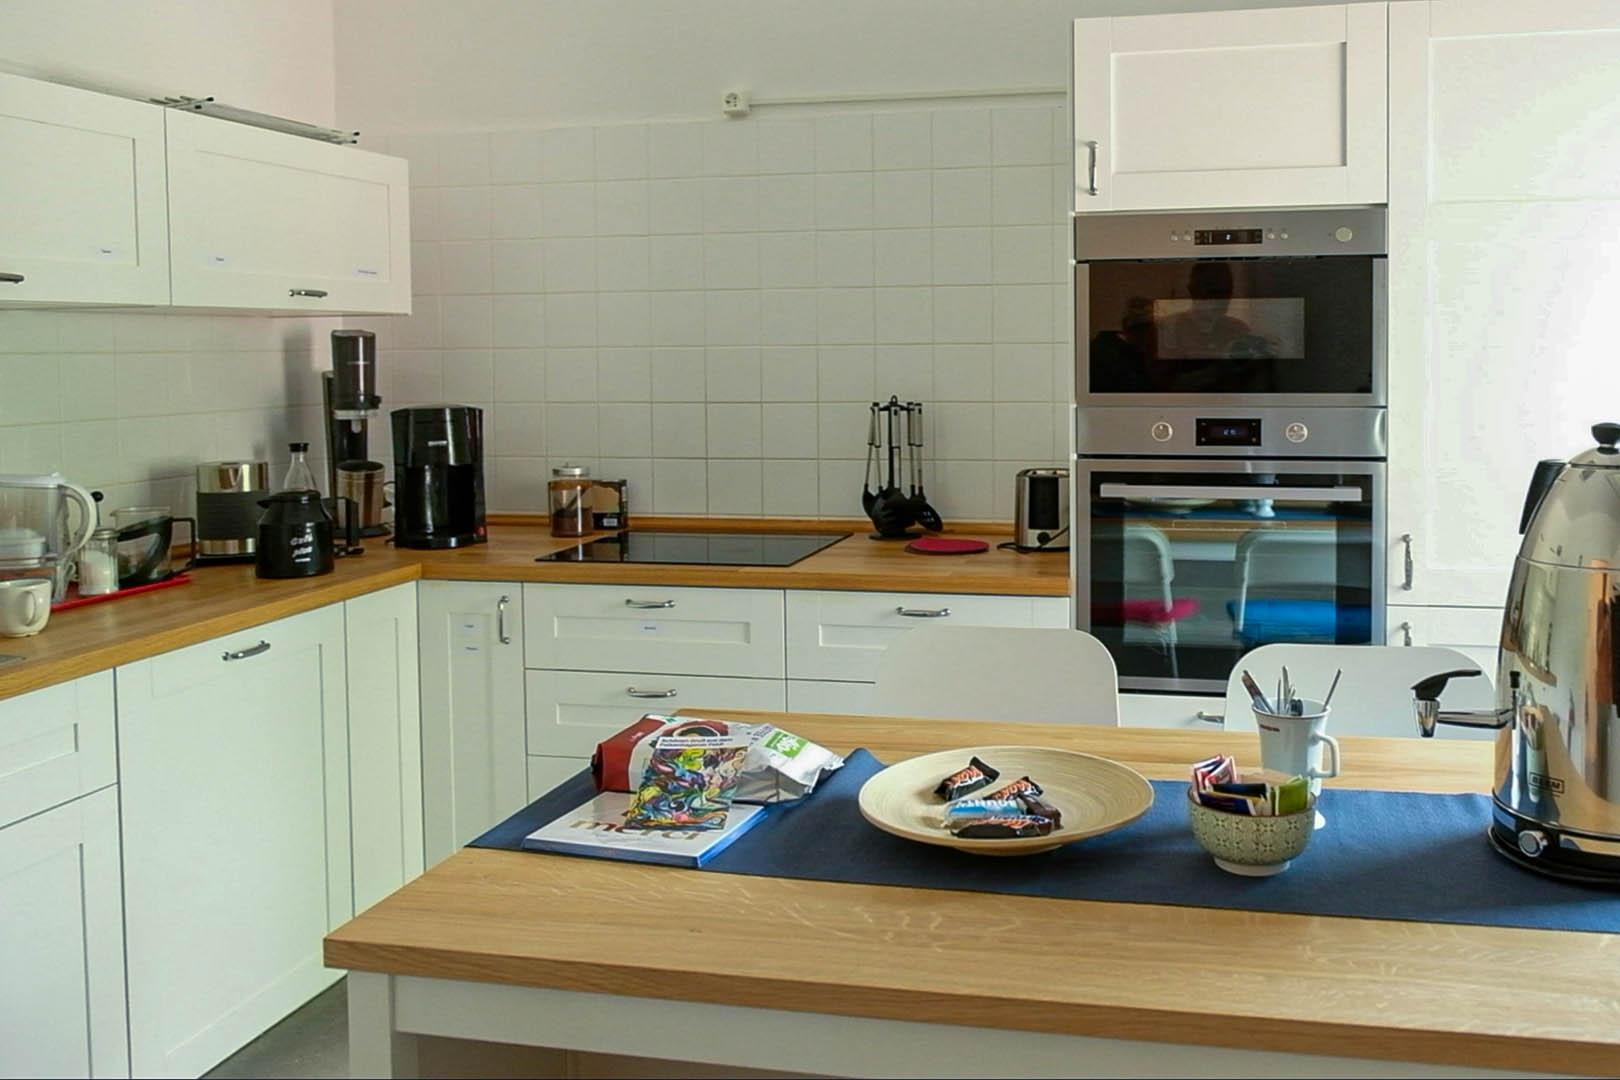 Kiezstube, gemütliche Küche  (Foto: Ralf Salecker)